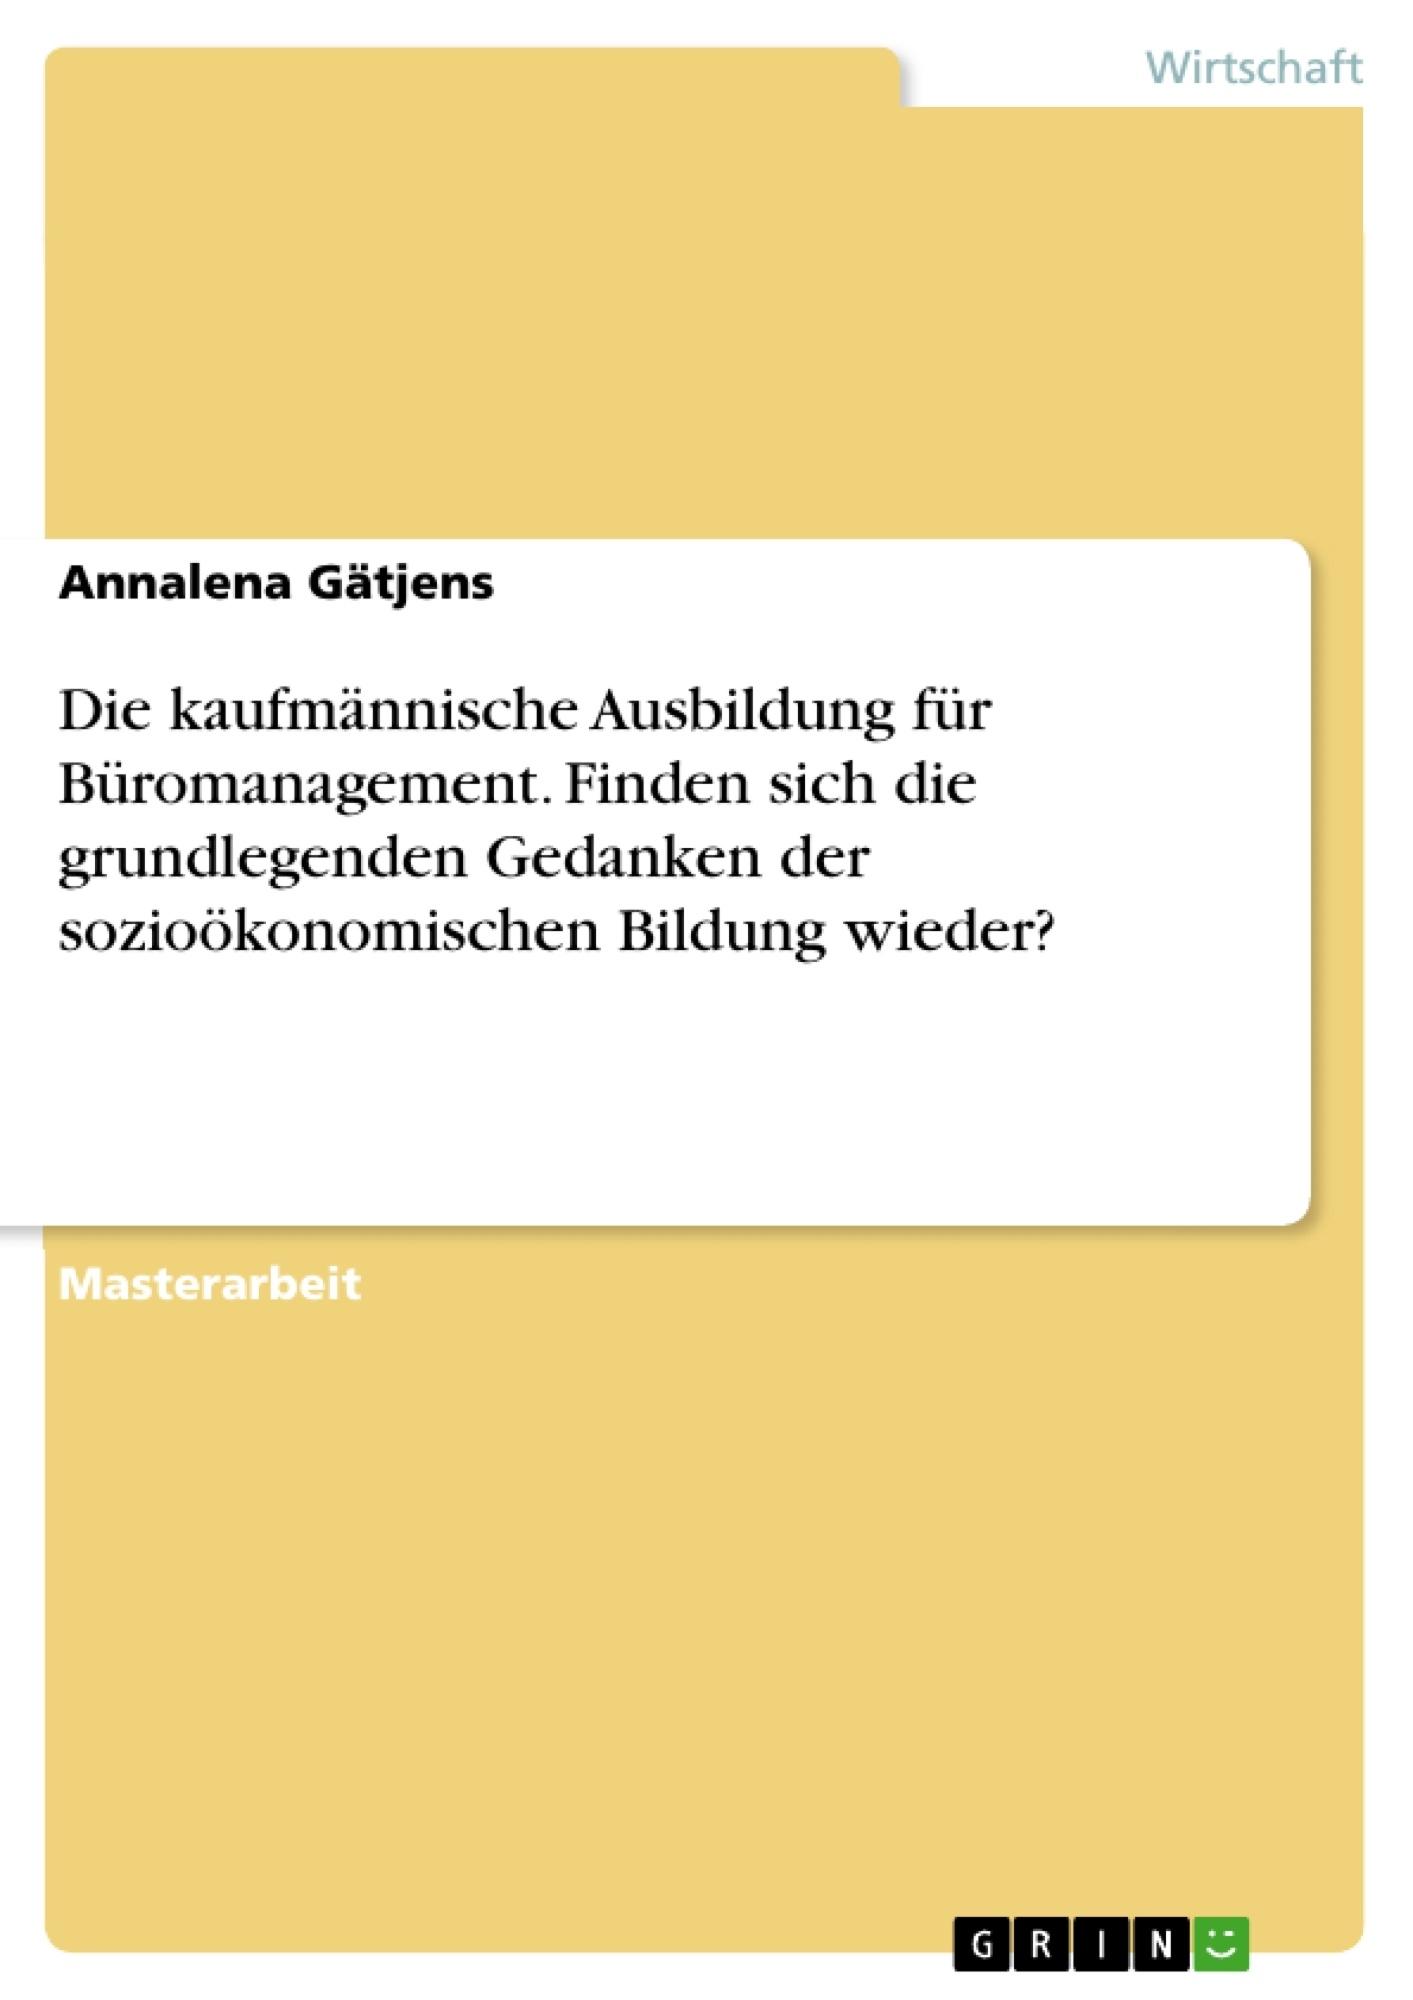 Titel: Die kaufmännische Ausbildung für Büromanagement. Finden sich die grundlegenden Gedanken der sozioökonomischen Bildung wieder?